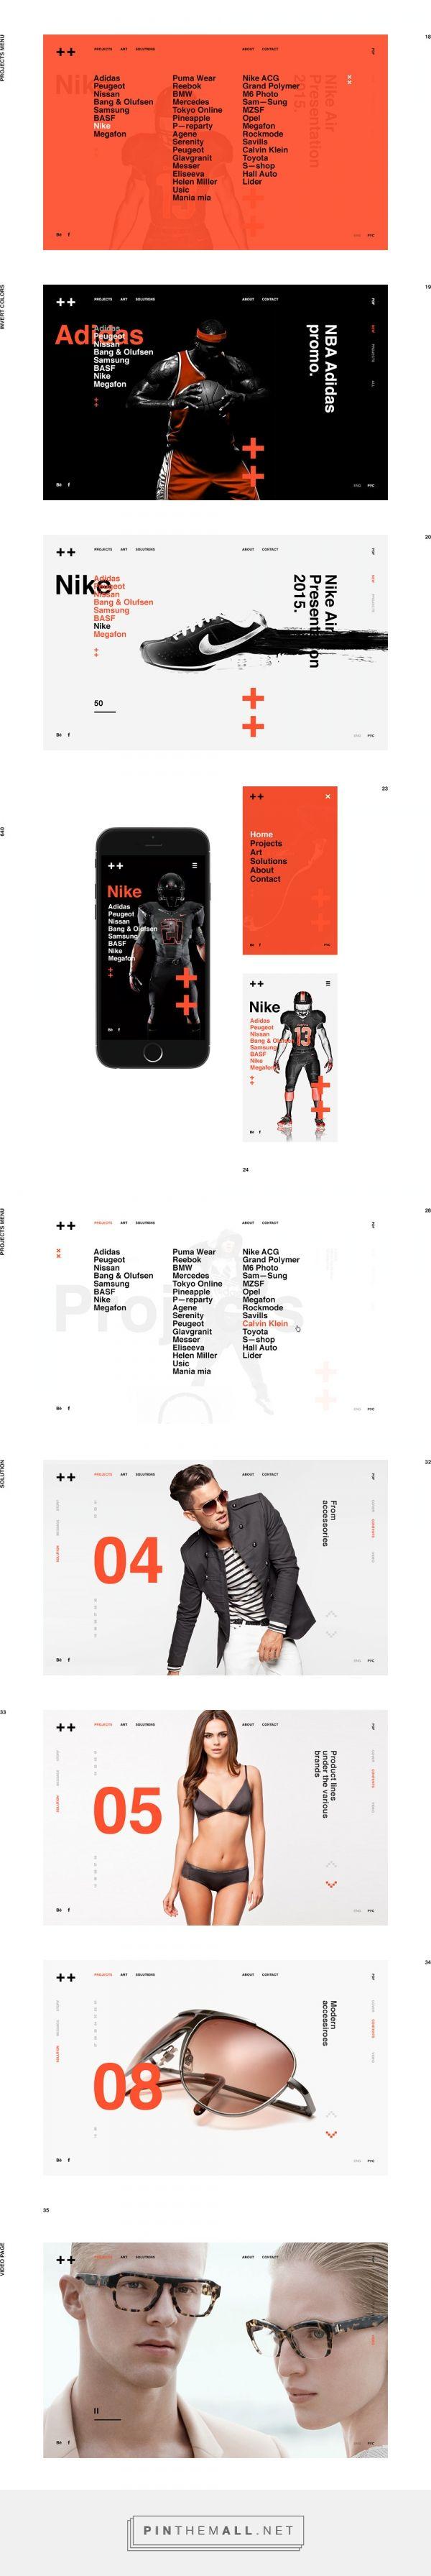 Webdesign aus der Schweiz. Jetzt kostenlos für eine Offerte anfragen http://www.swisswebwork.ch/ Deine Web und Marketing Agentur aus Luzern.